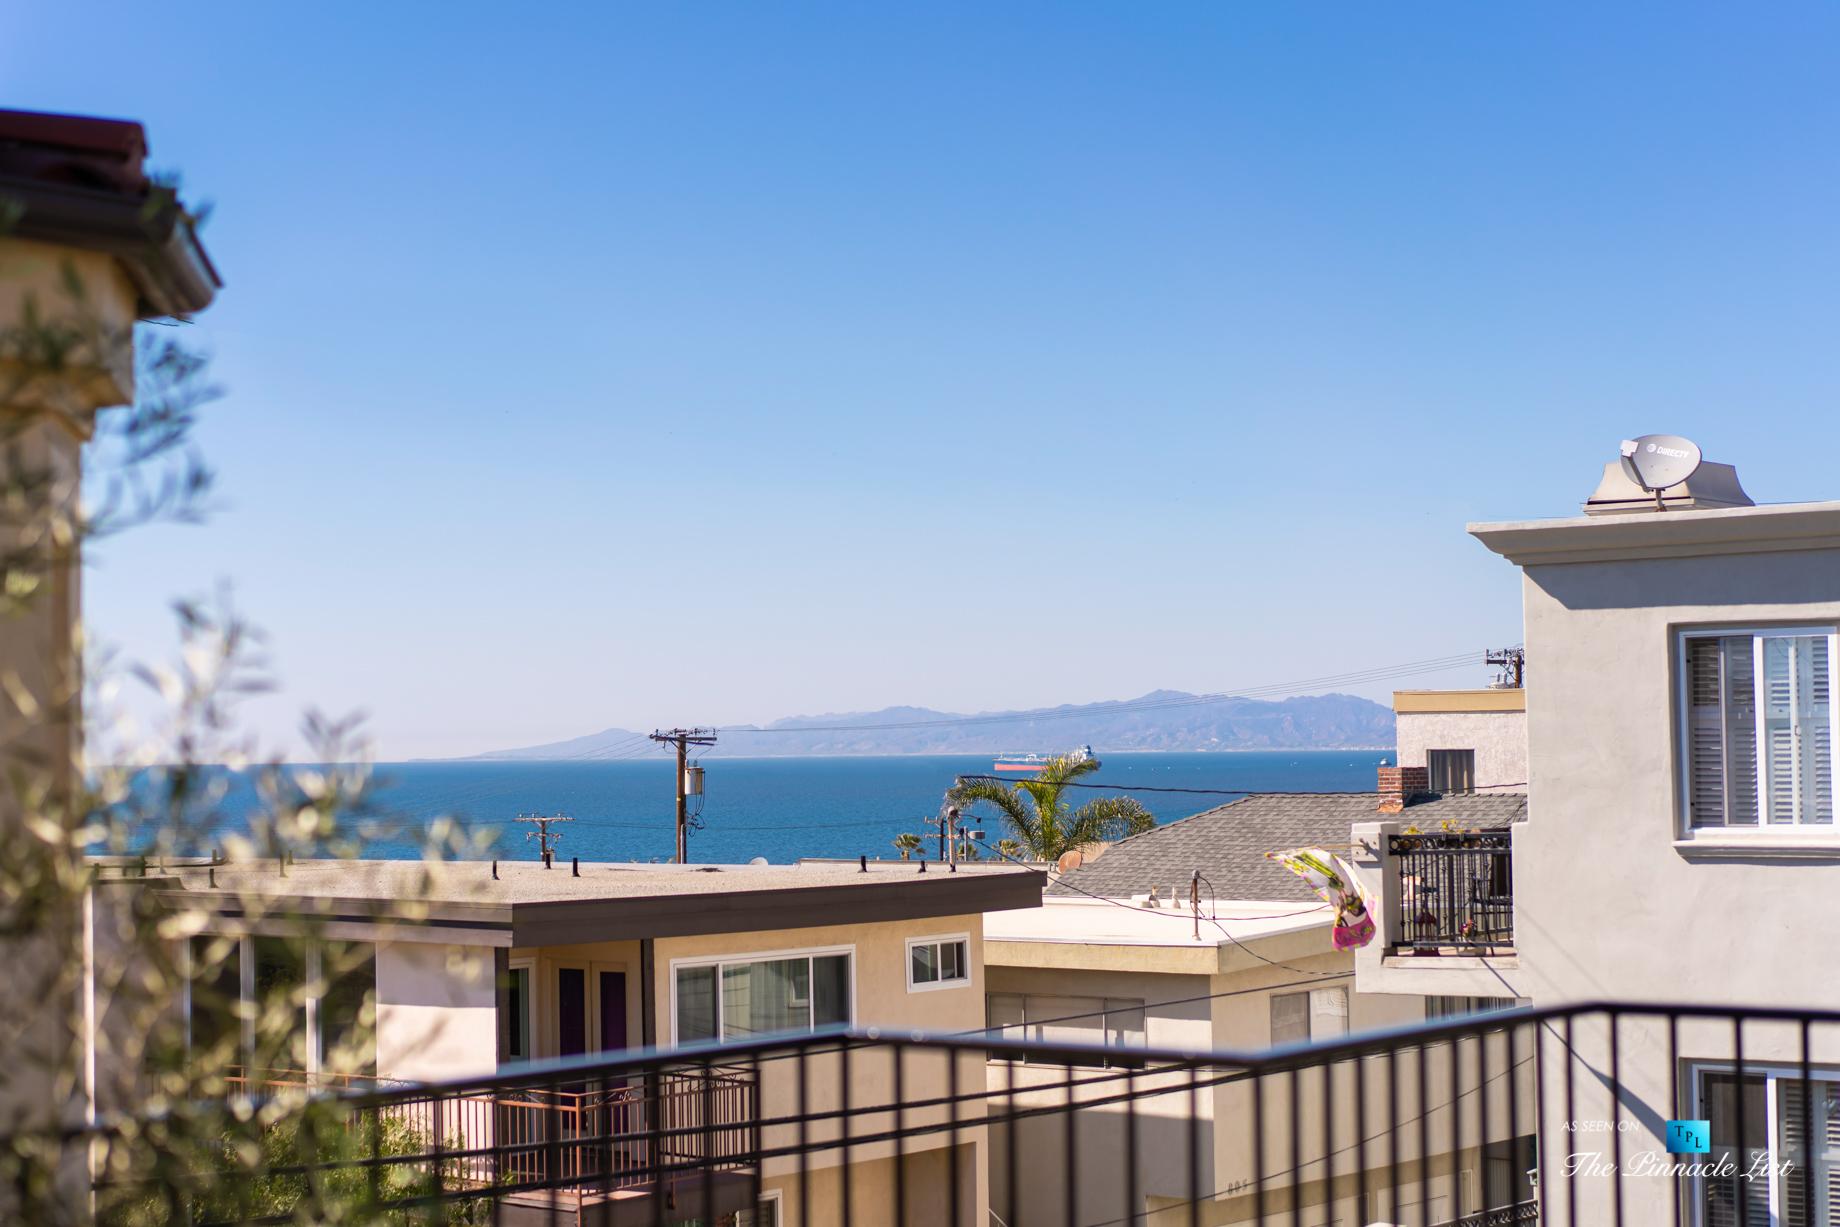 220 8th St, Manhattan Beach, CA, USA - Luxury Real Estate - Ocean View Dream Home - Top Floor Deck View